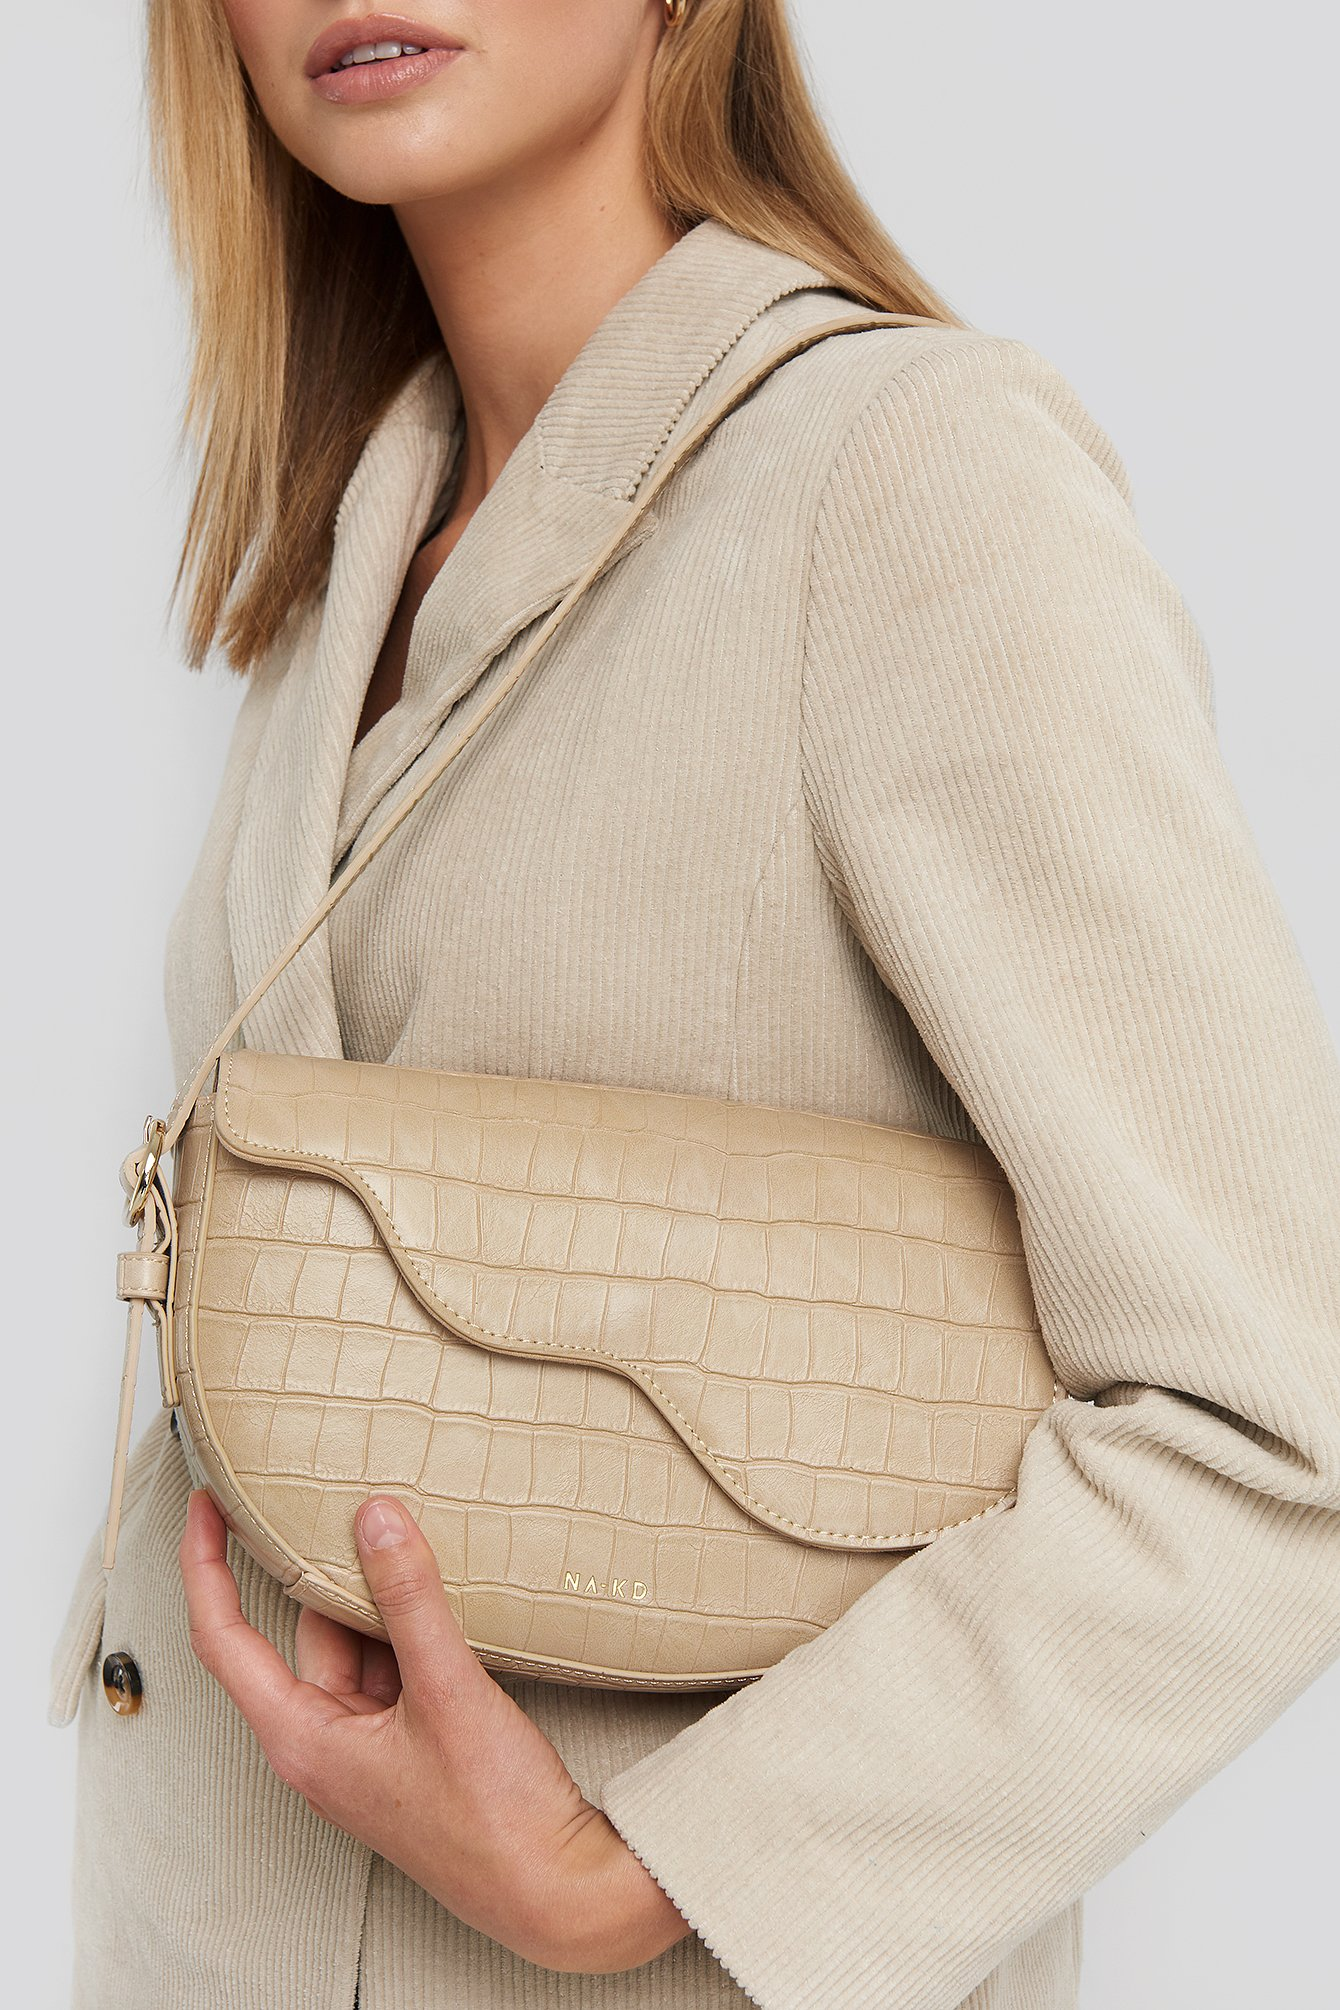 na-kd accessories -  Half Moon Saddle Flap Shoulder Bag - Beige